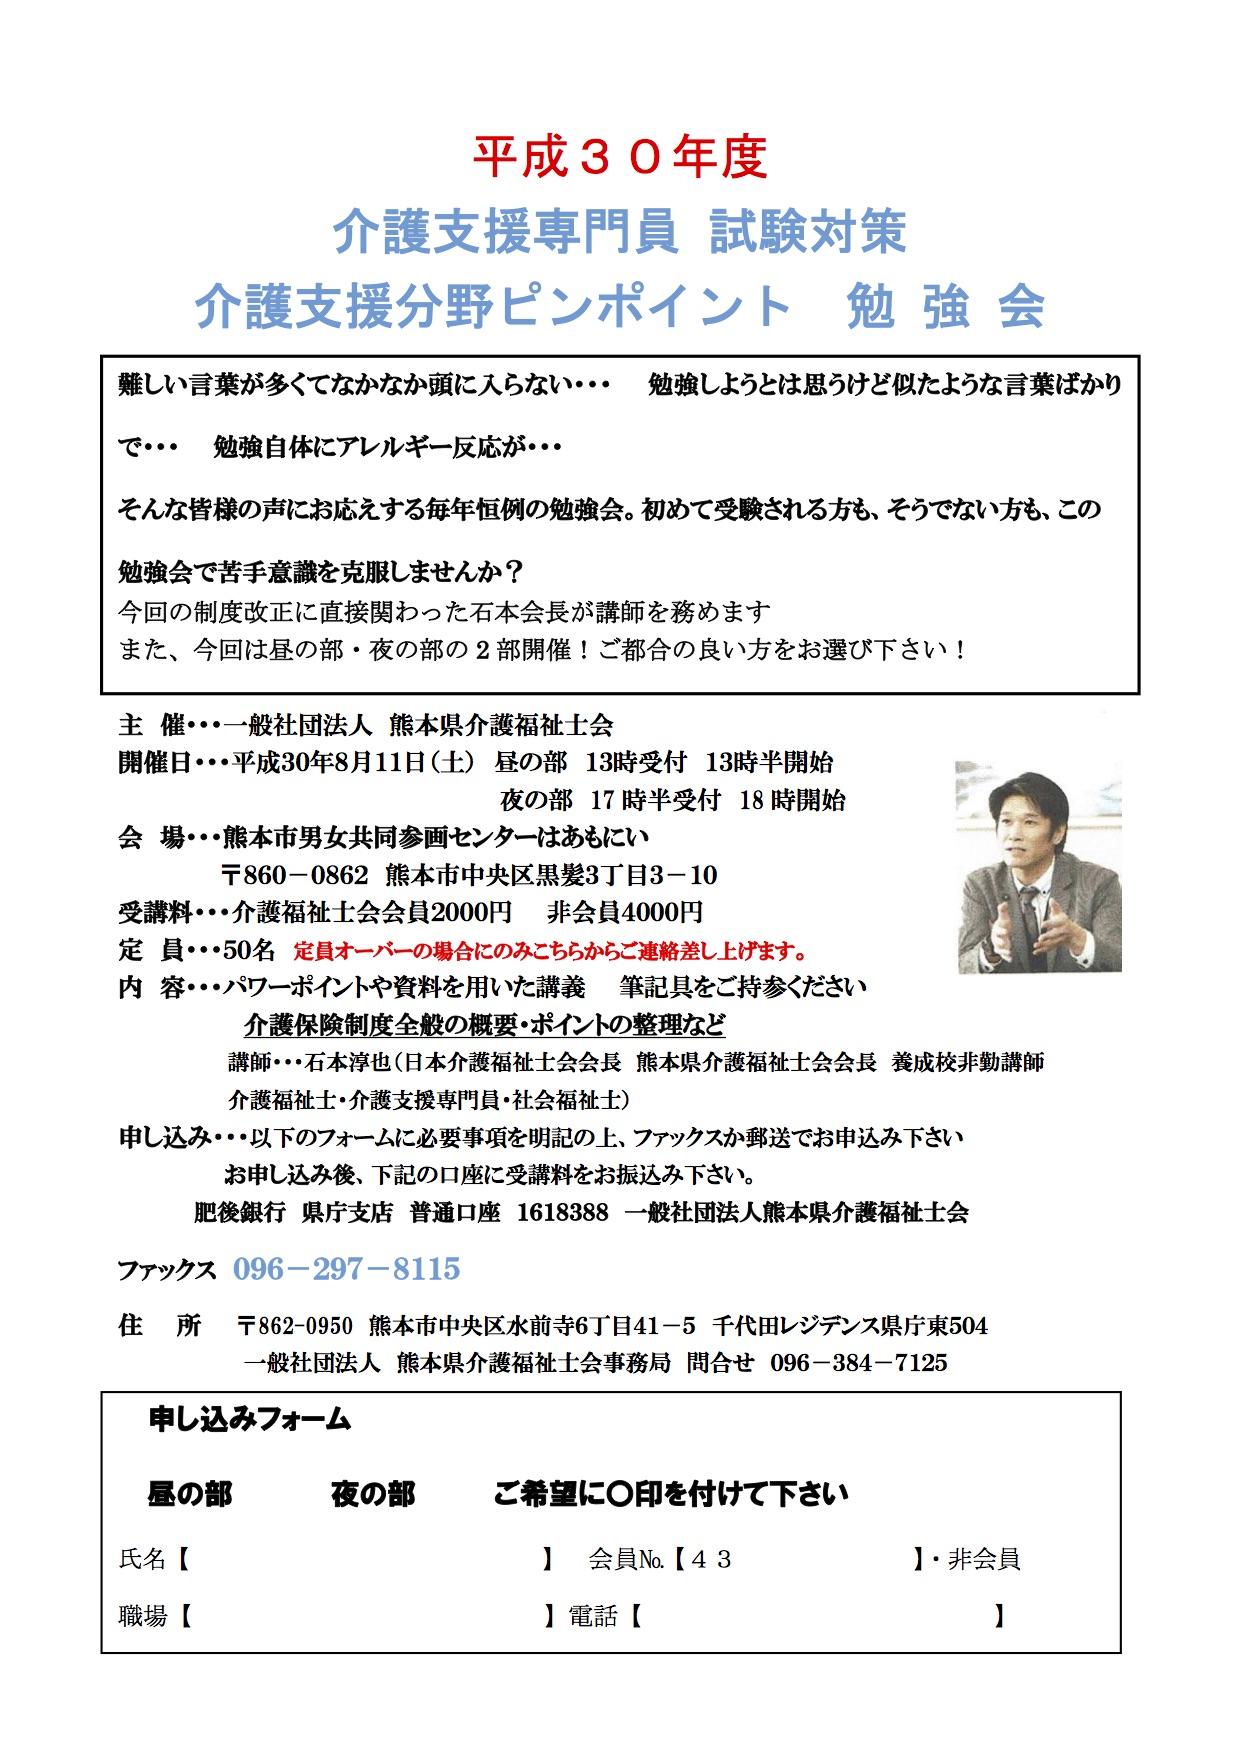 熊本県介護福祉士会 8/11 介護支援専門員ピンポイント勉強会 開催のお知らせ